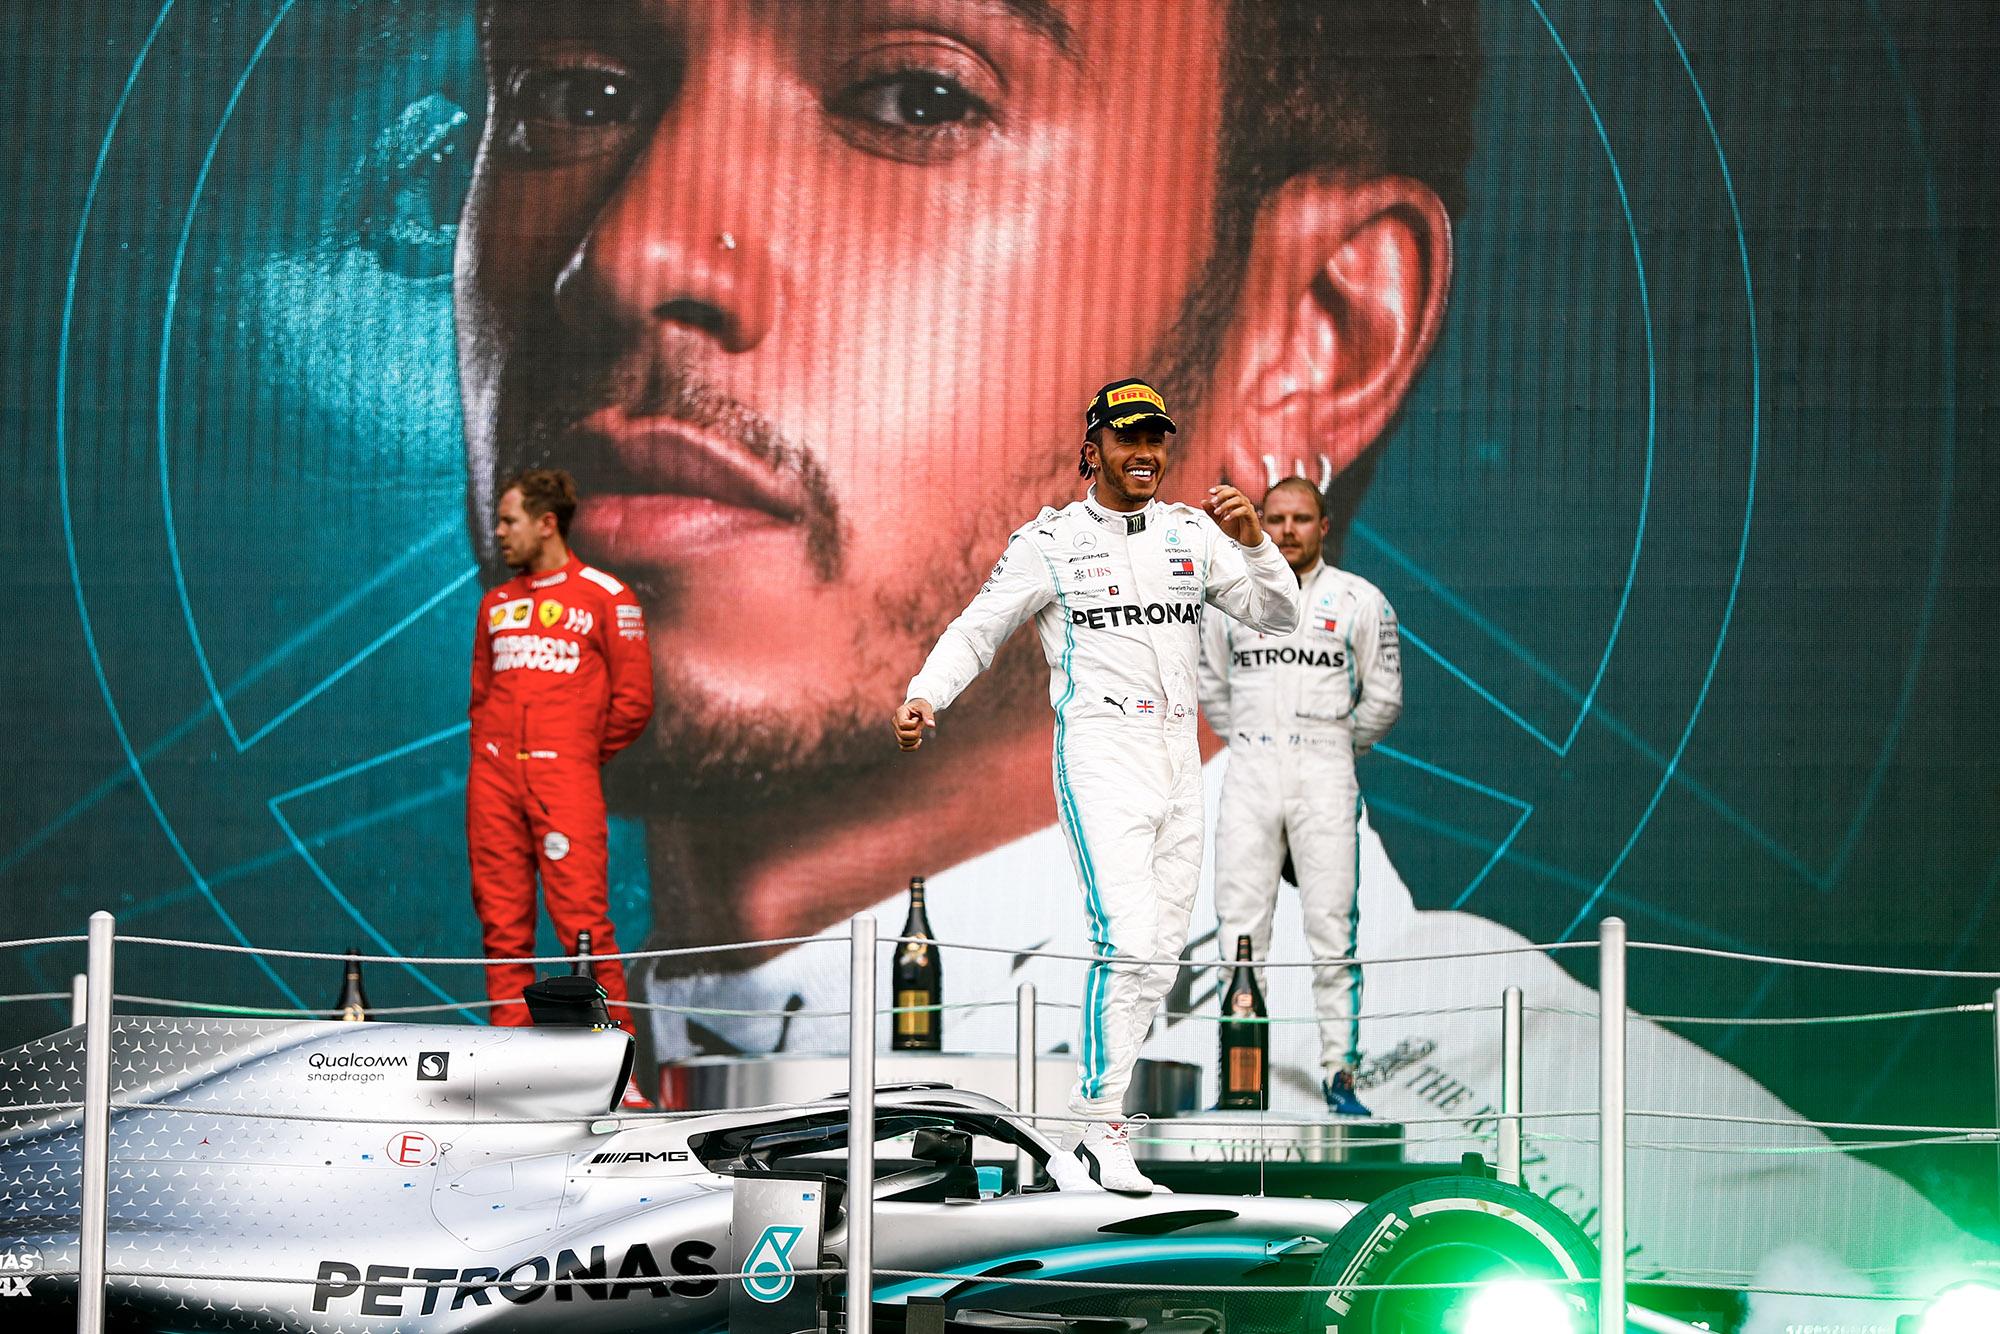 Hamilton tactics defeat Ferrari's 'peachy' position: 2019 F1 Mexican Grand Prix report